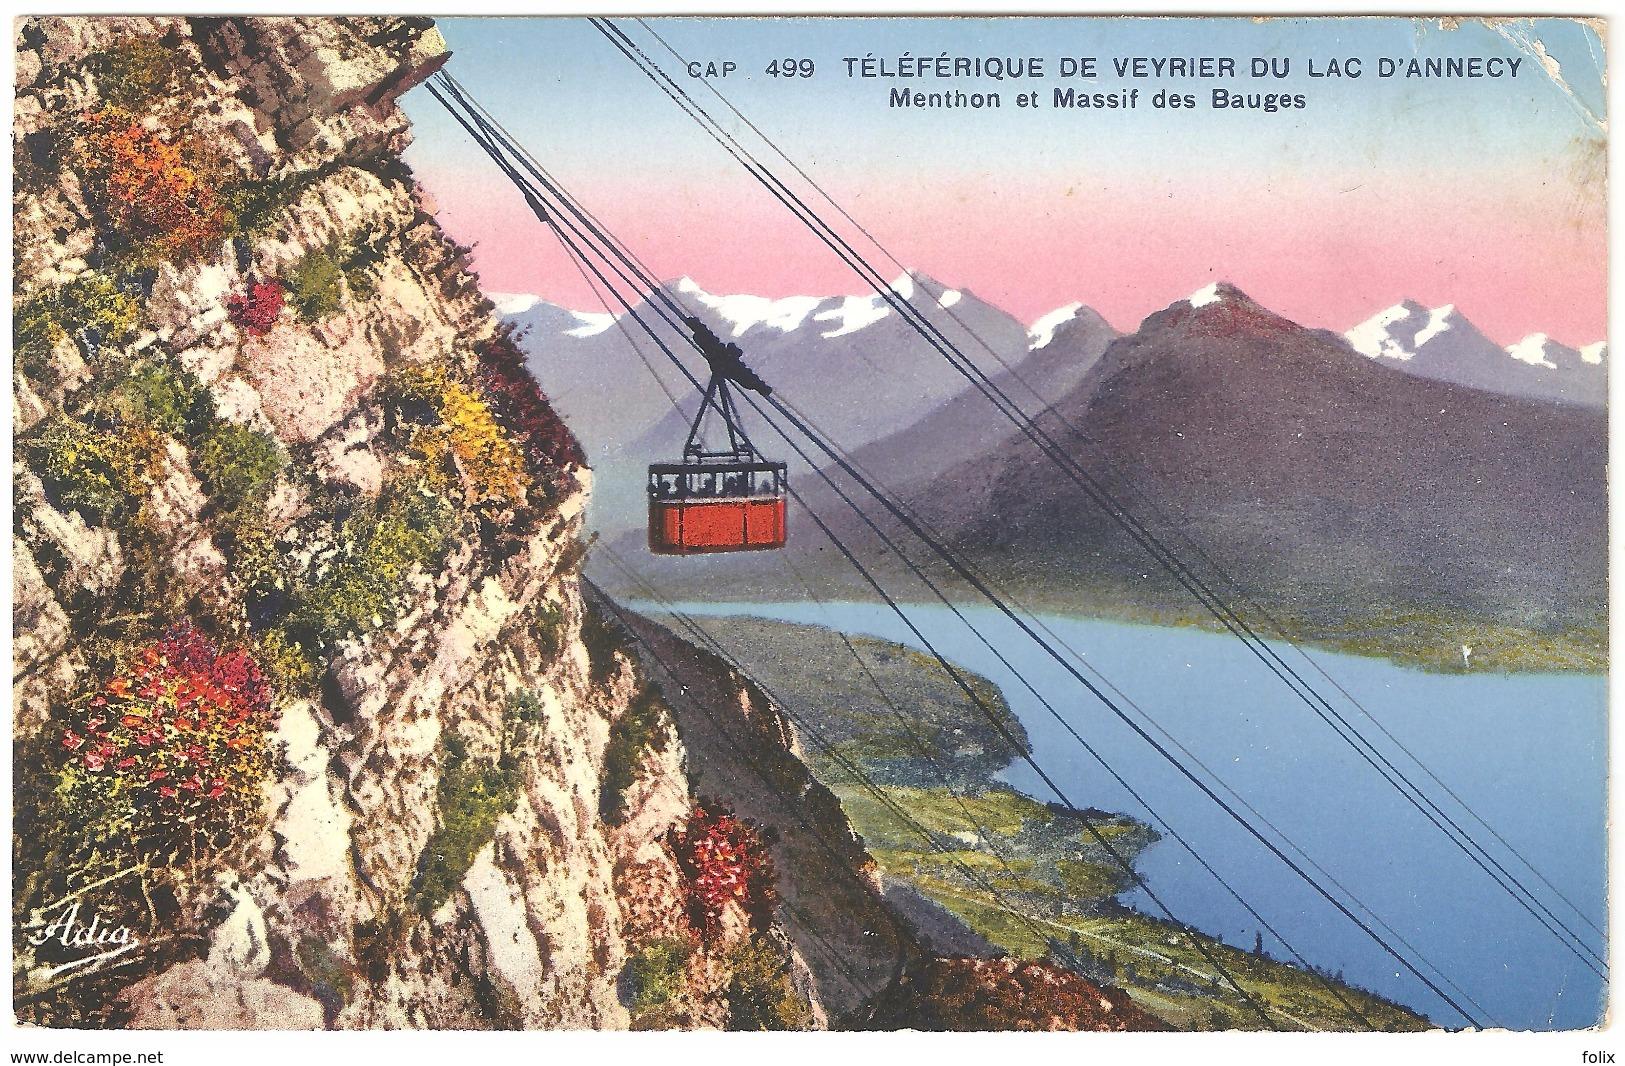 Veyrier Du Lac - Téléférique De Veyrier Du Lac D'Annecy - Menthon Et Massif Des Bauges- 1939 - Veyrier